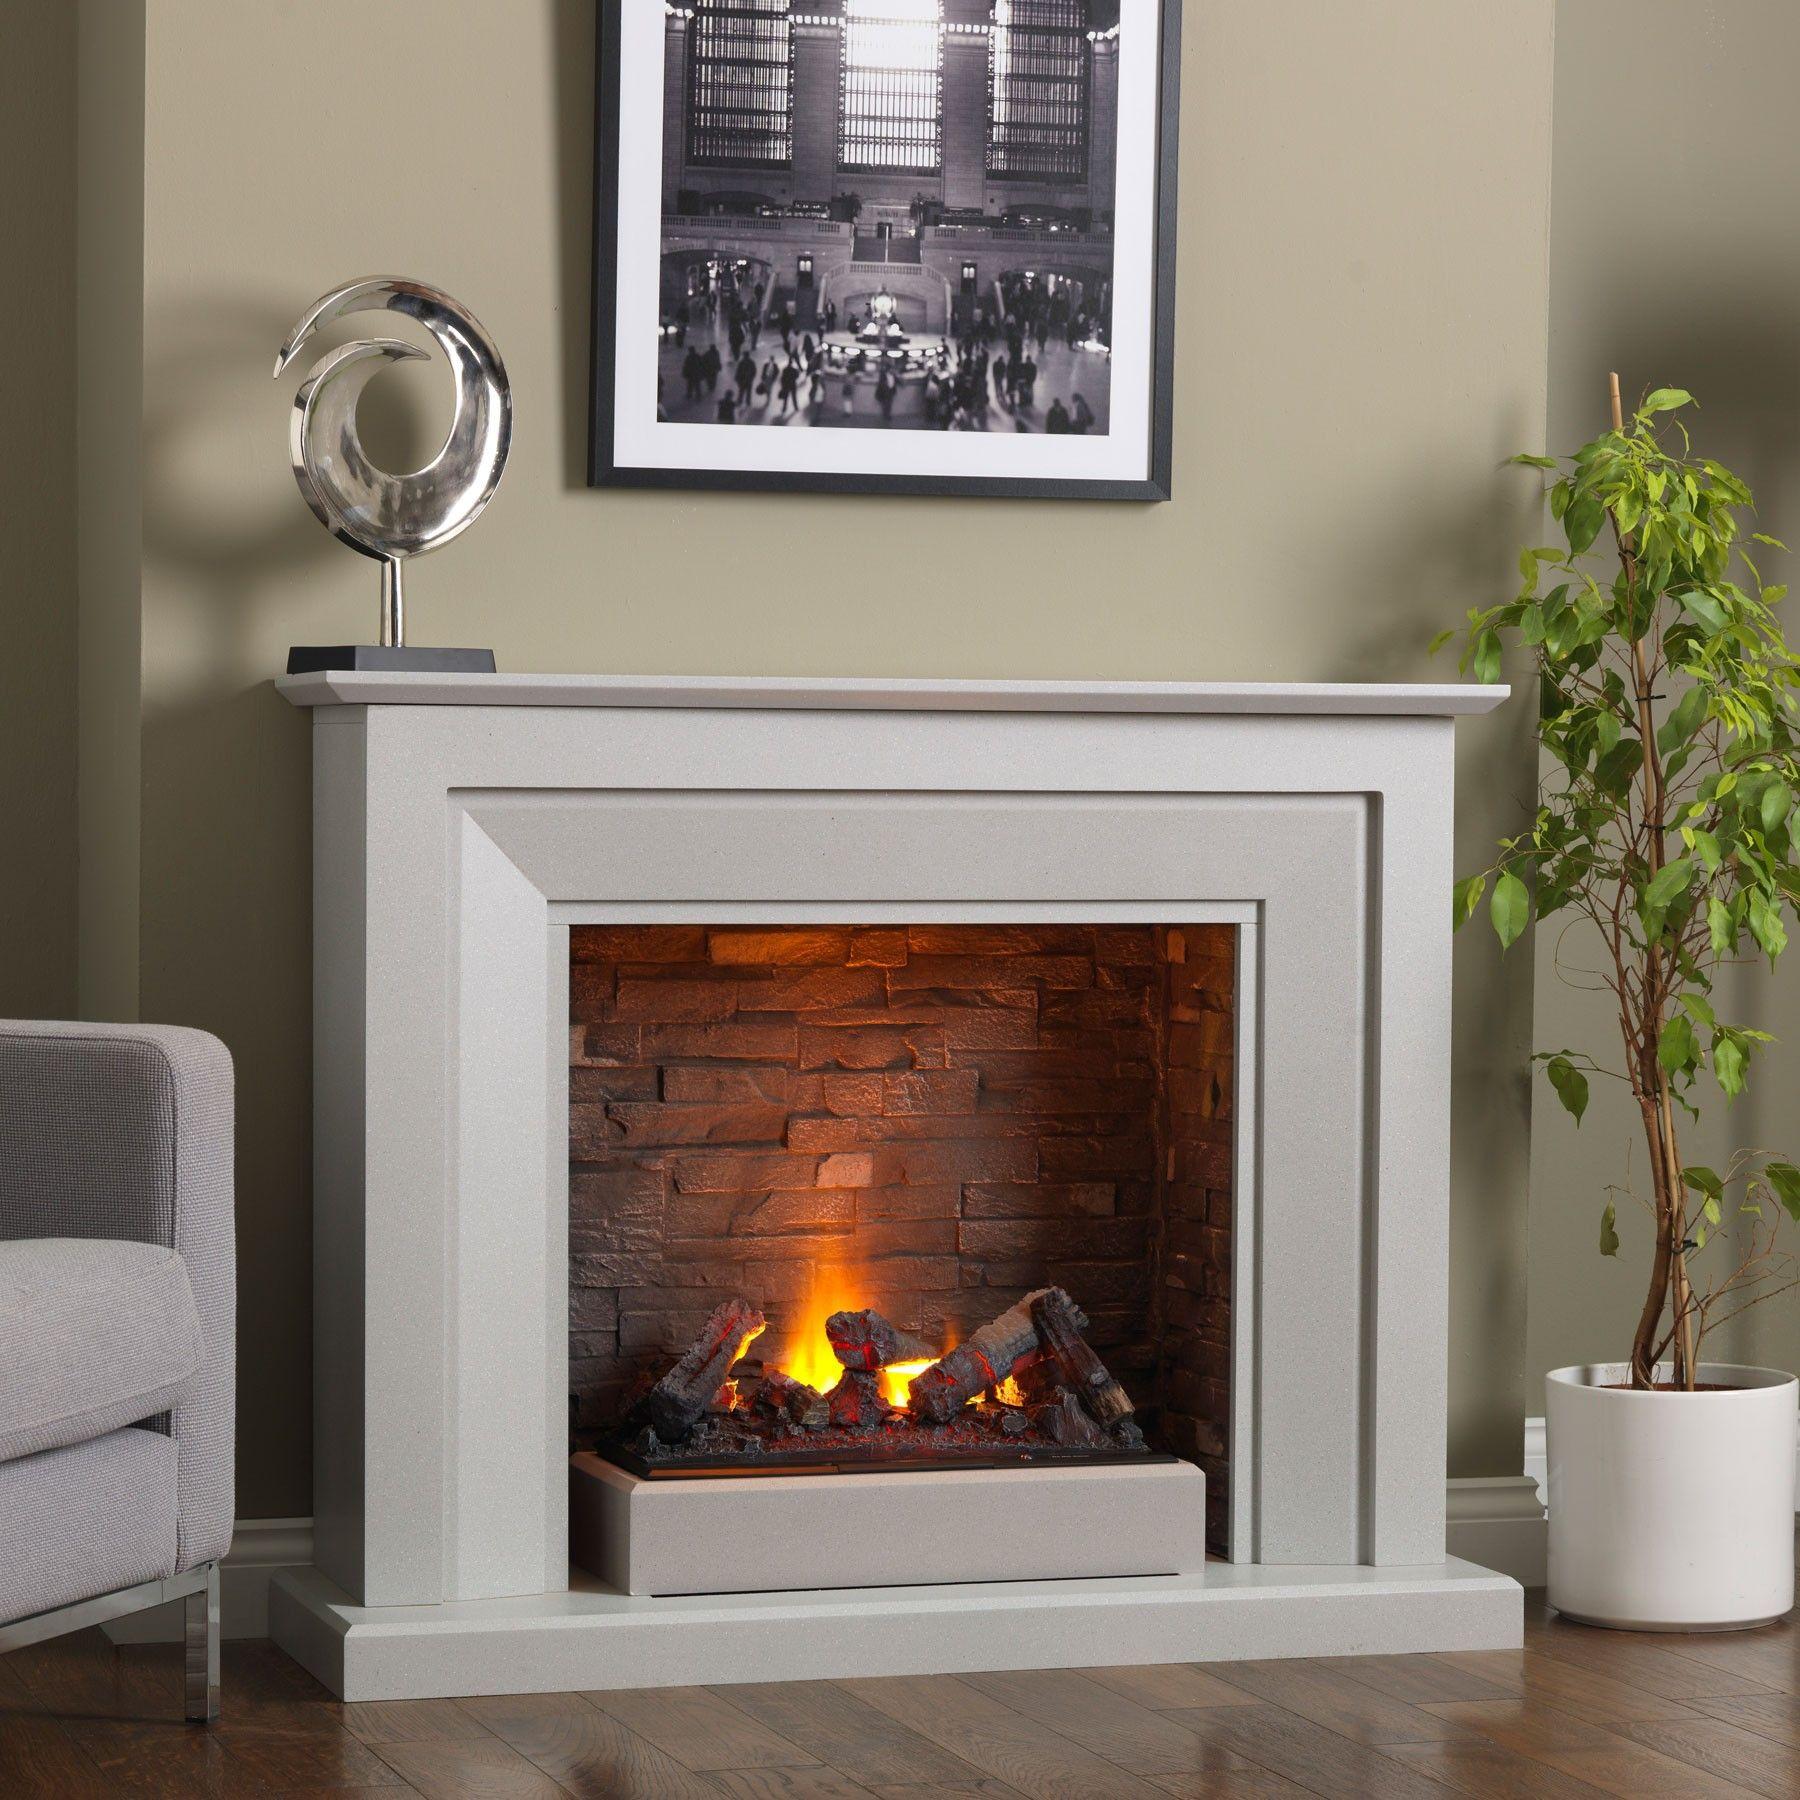 Venice Electric Fireplace Suite Kominek Pinterest